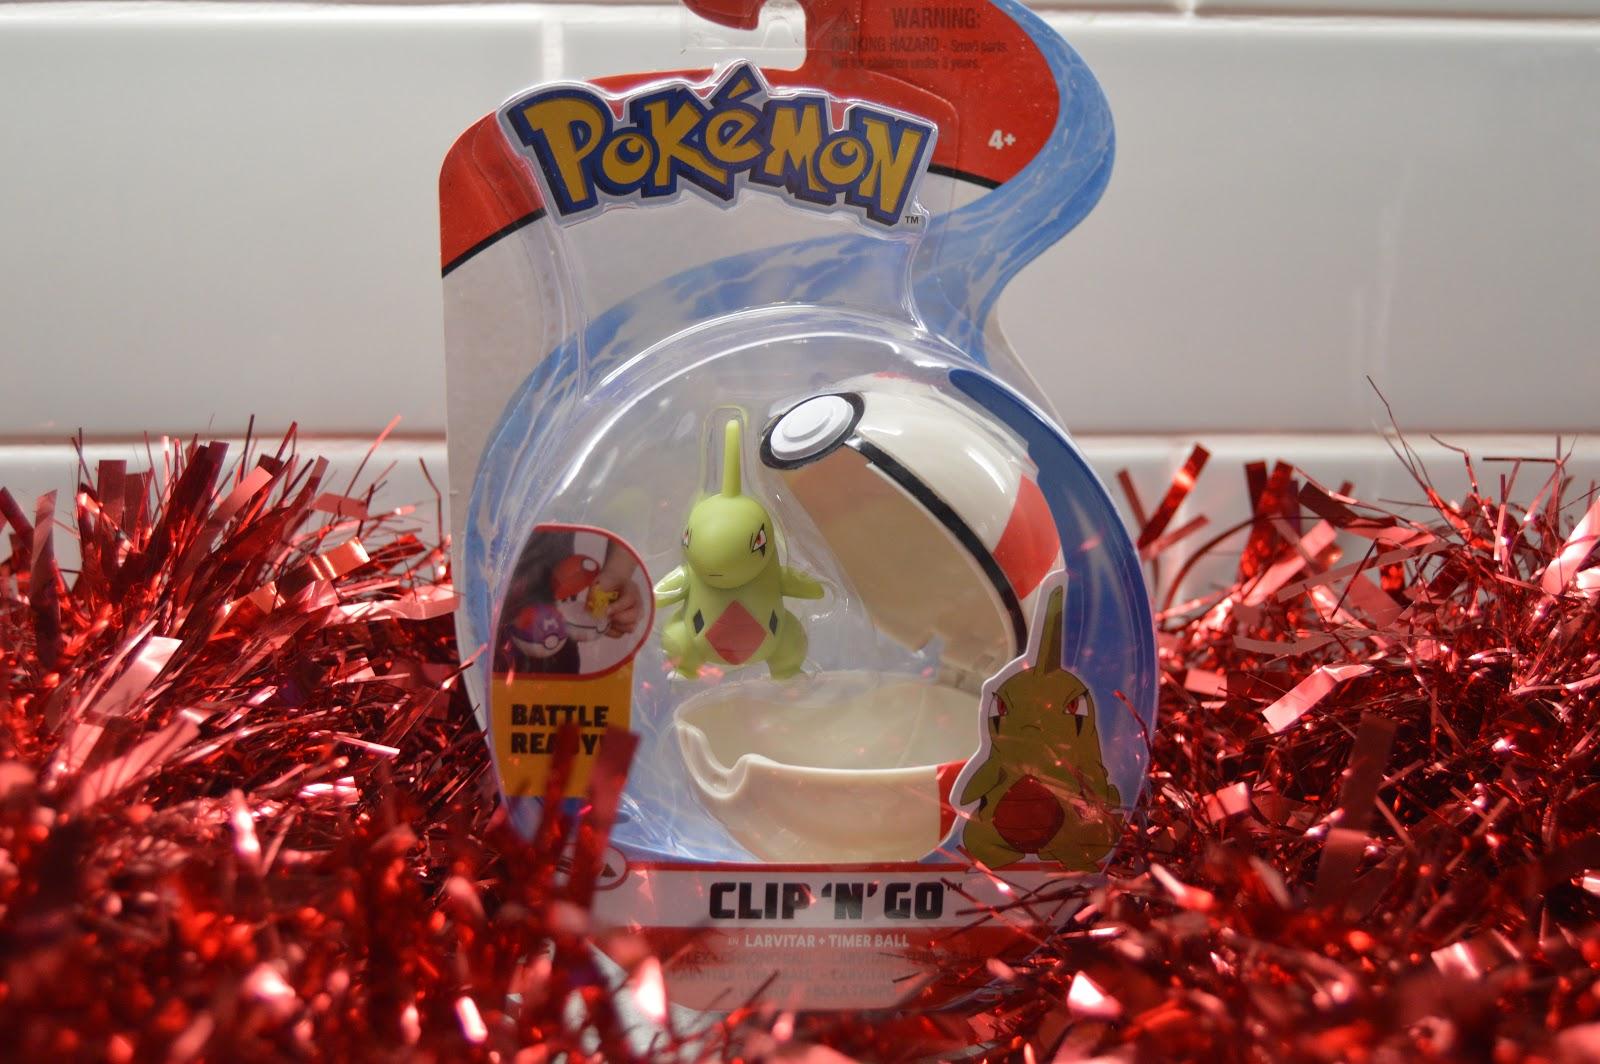 Pokemon clip and go